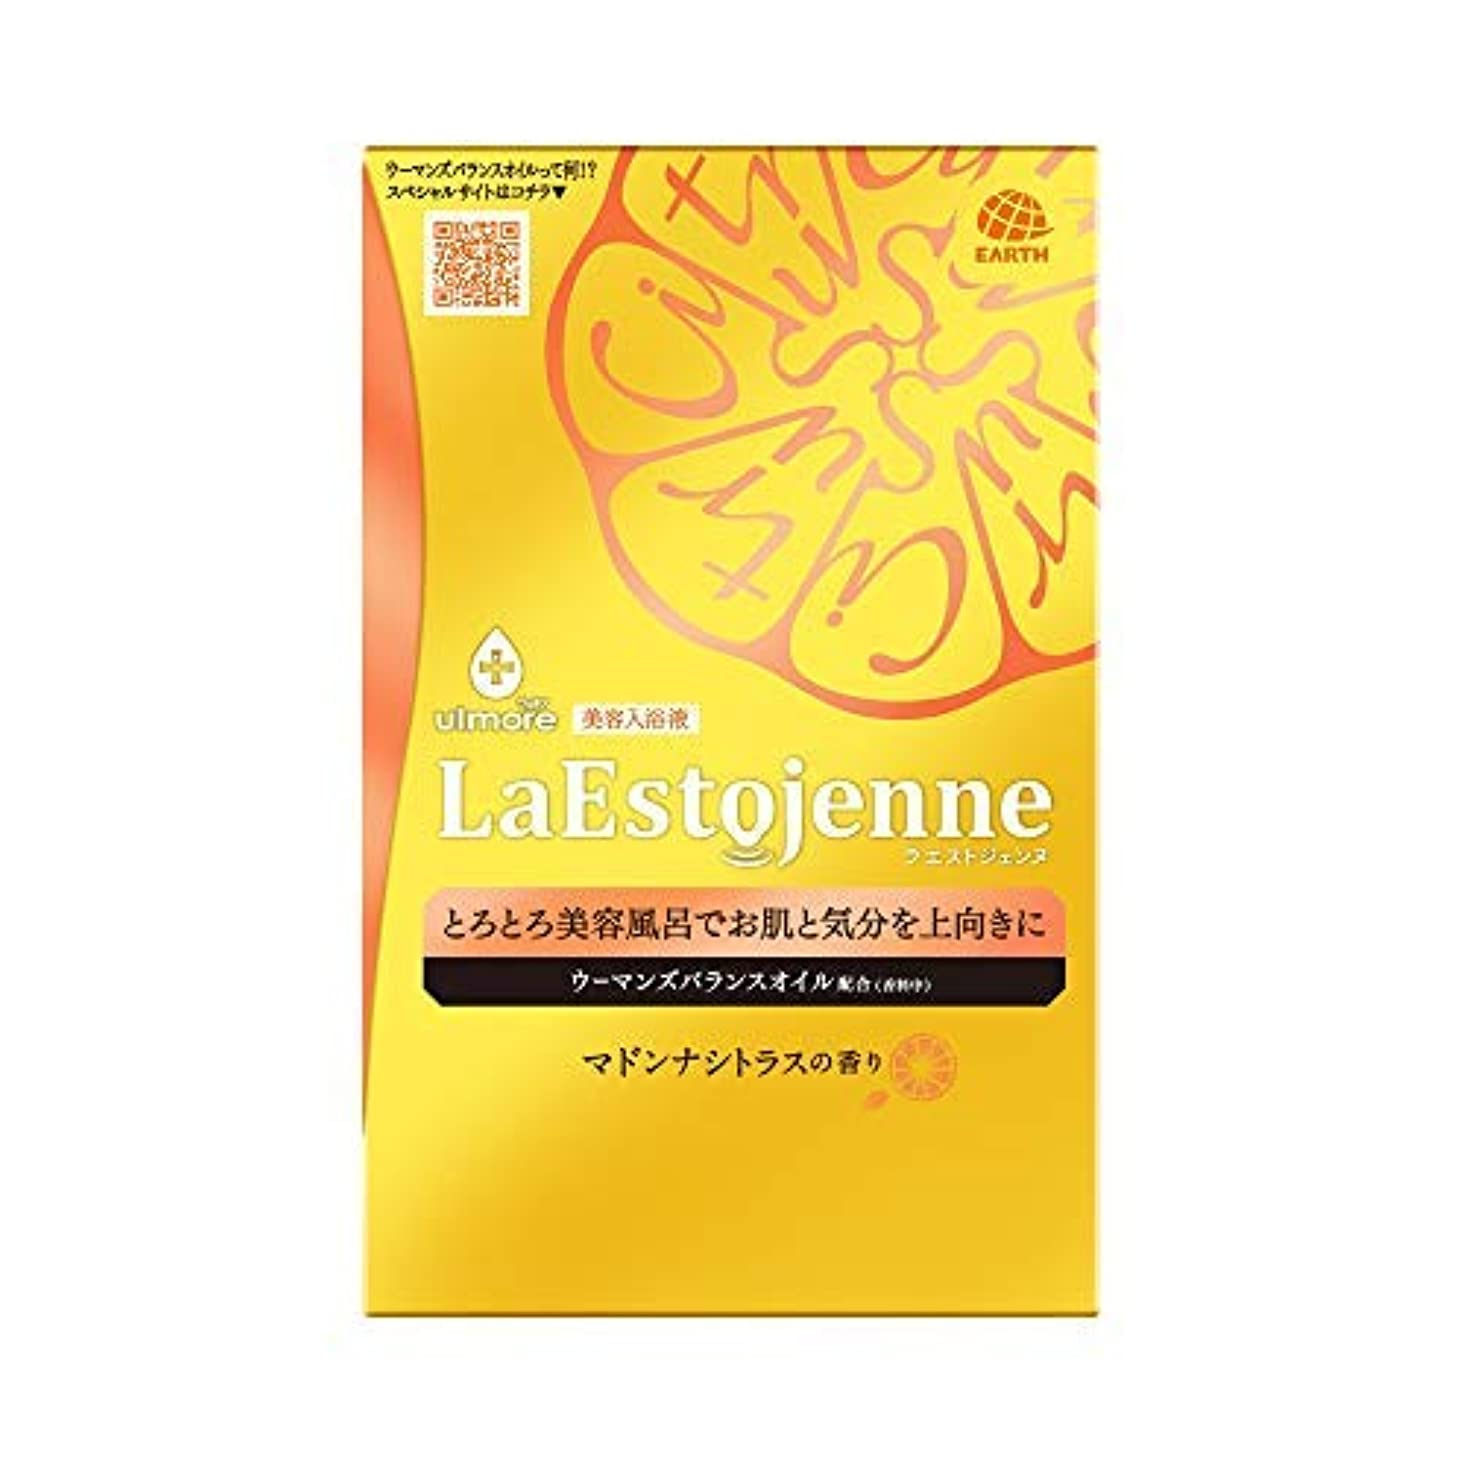 シンプトン乱闘肉ウルモア ラエストジェンヌ マドンナシトラスの香り 3包入り × 4個セット